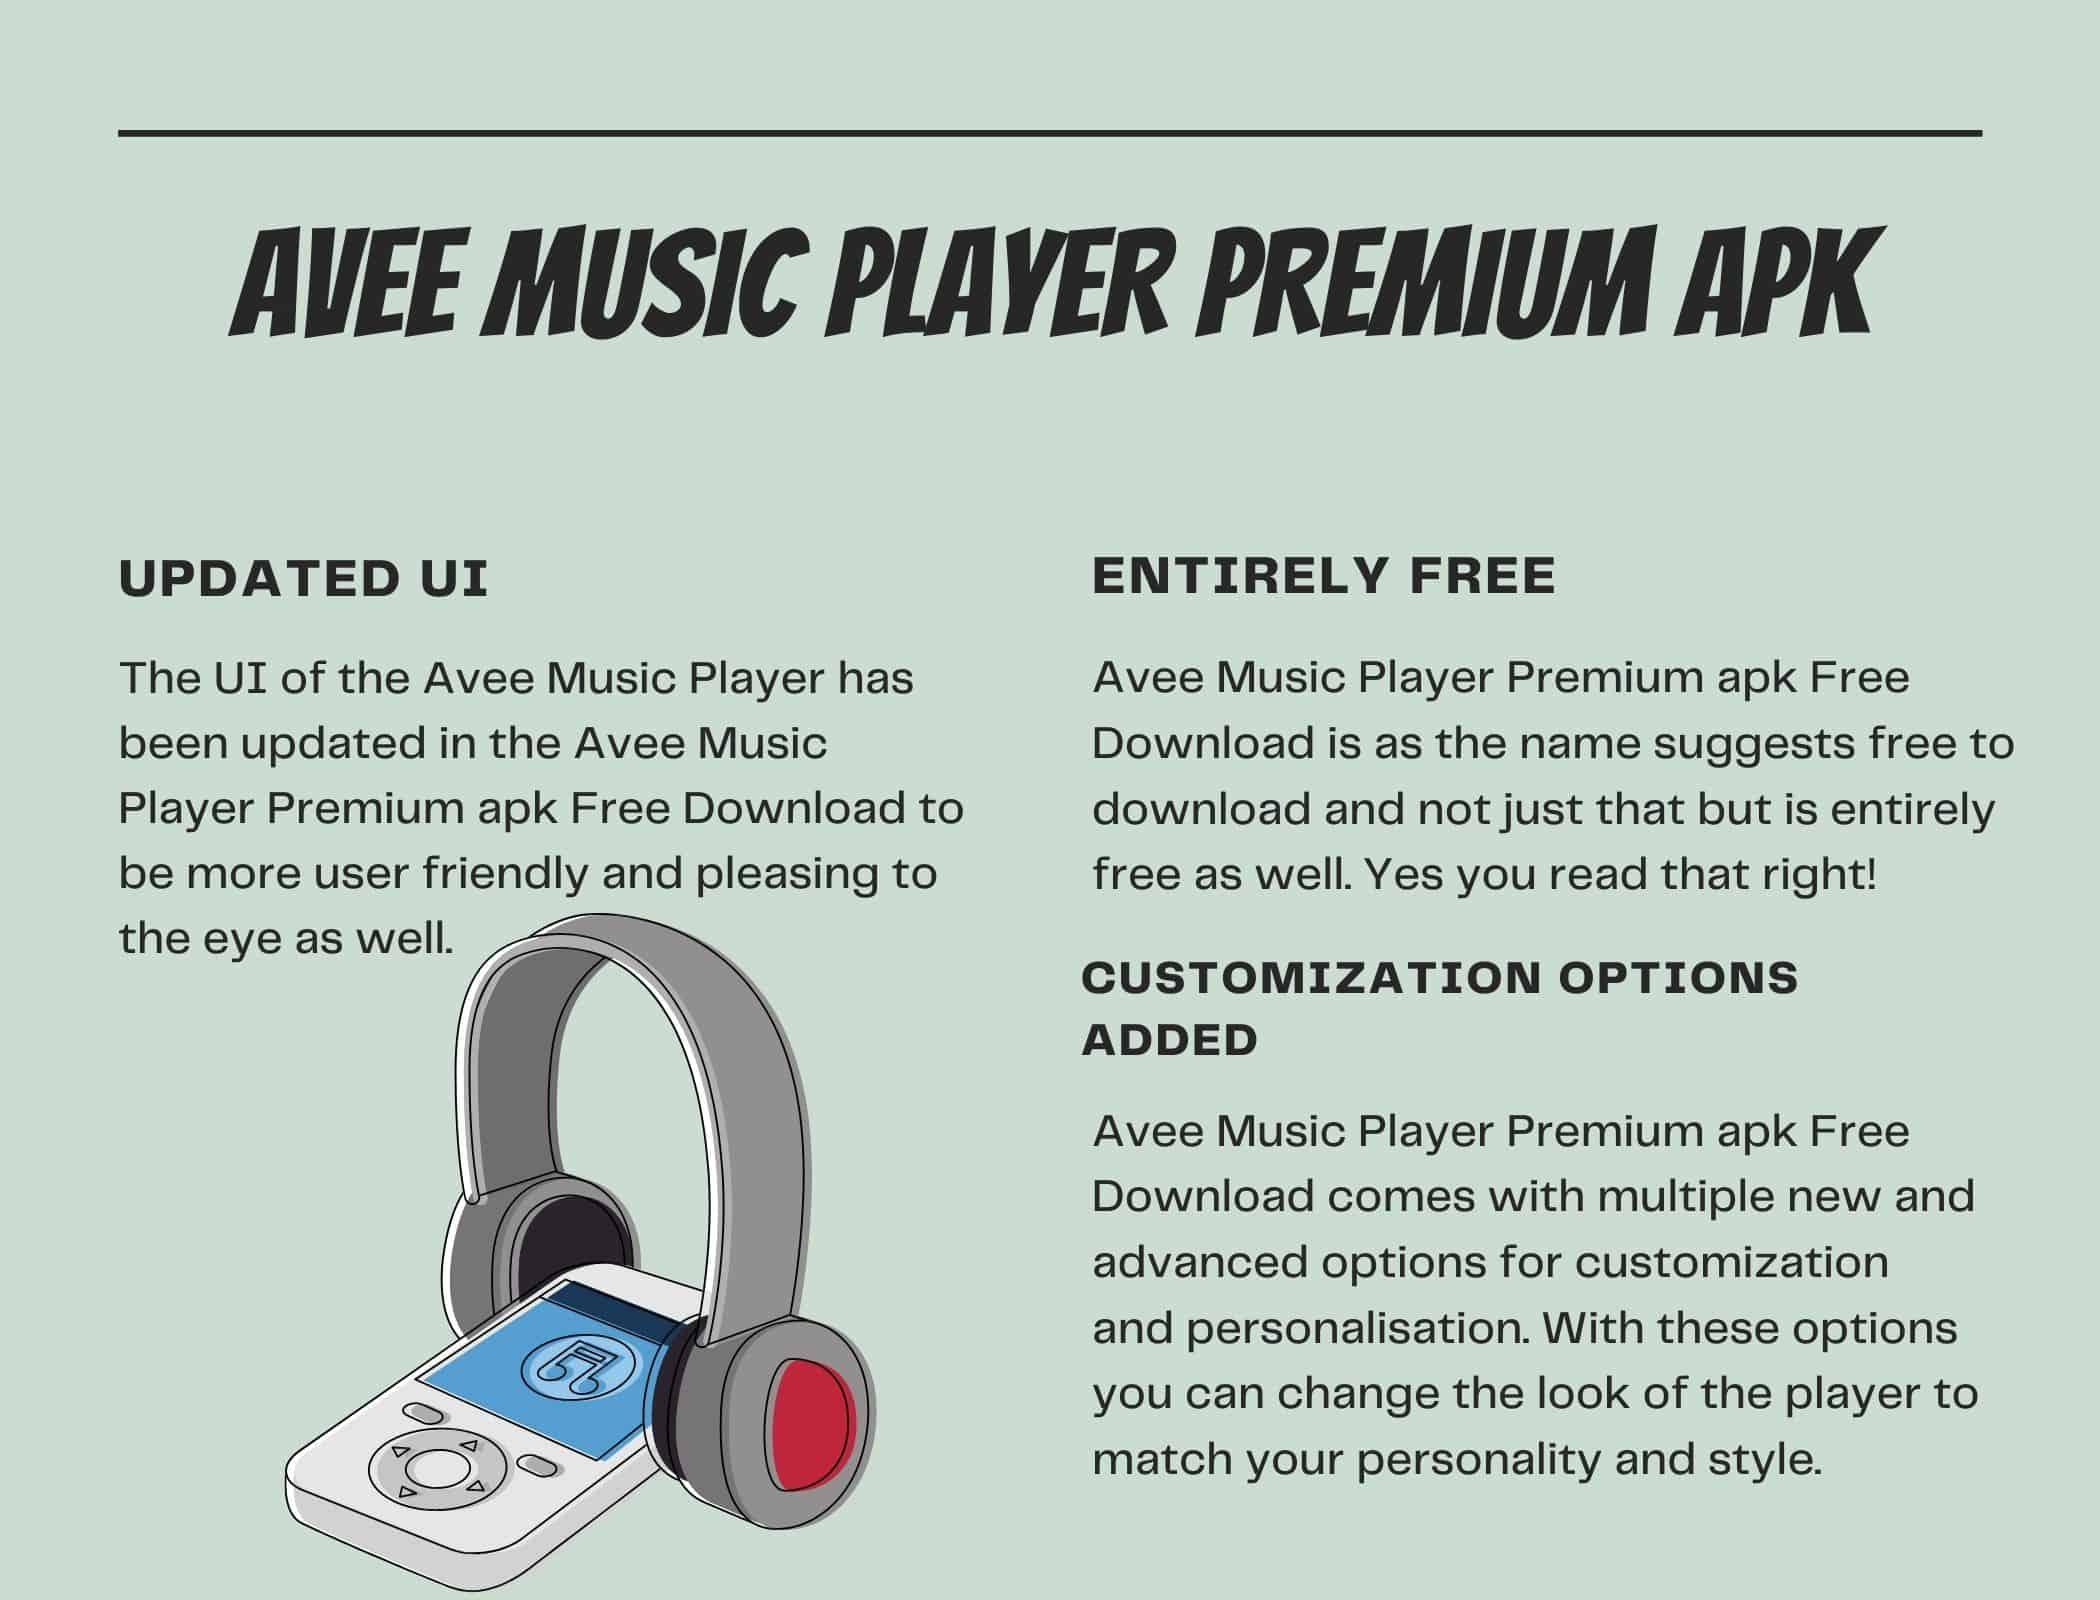 Avee Music Player Premium apk